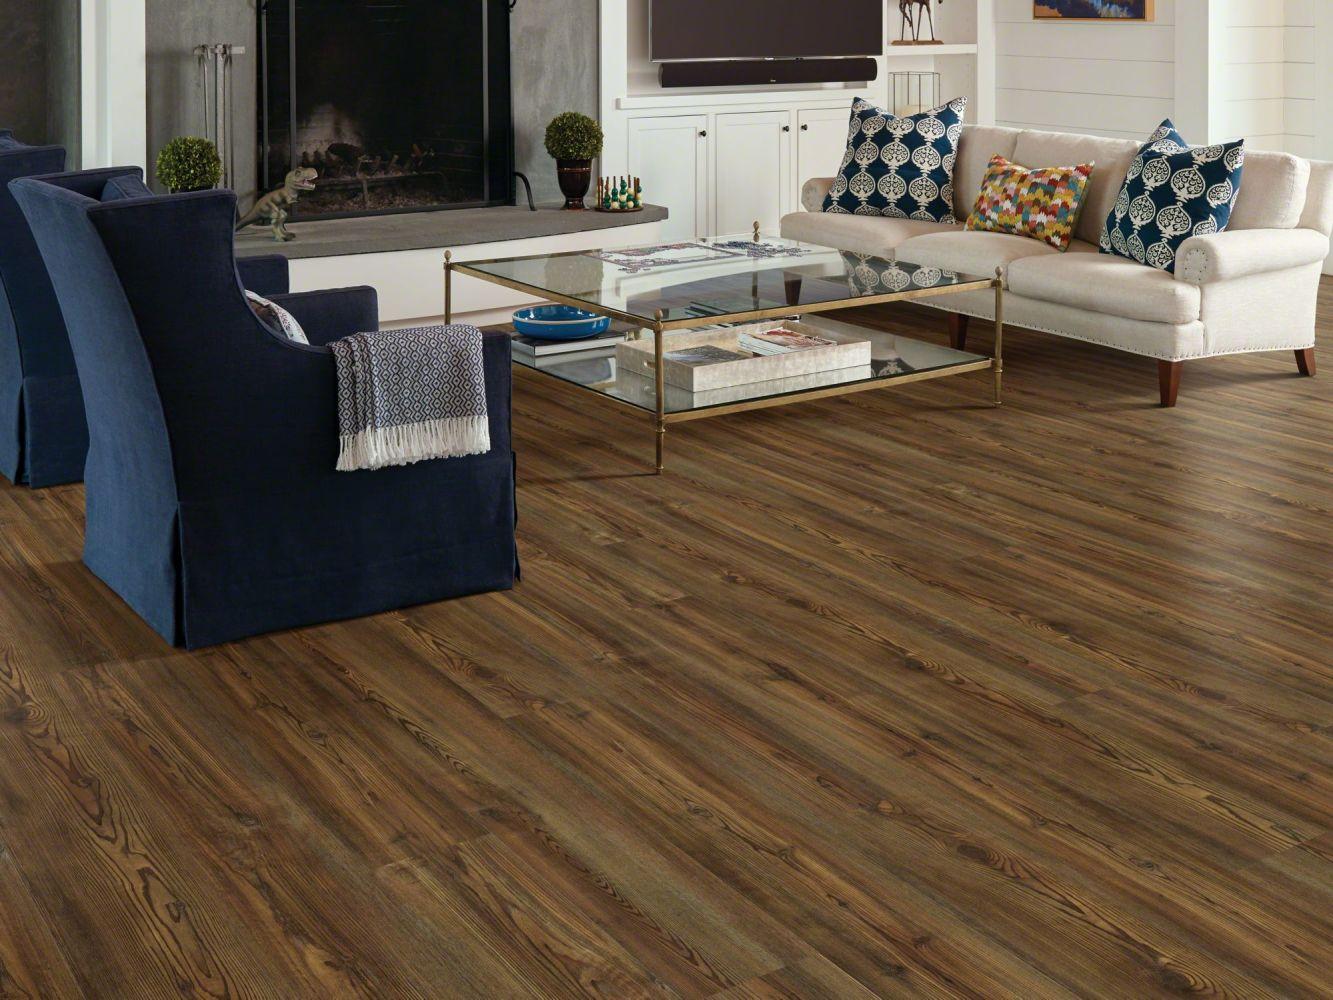 Shaw Floors Dr Horton Caspian Plus Royal Suite 07025_DR010